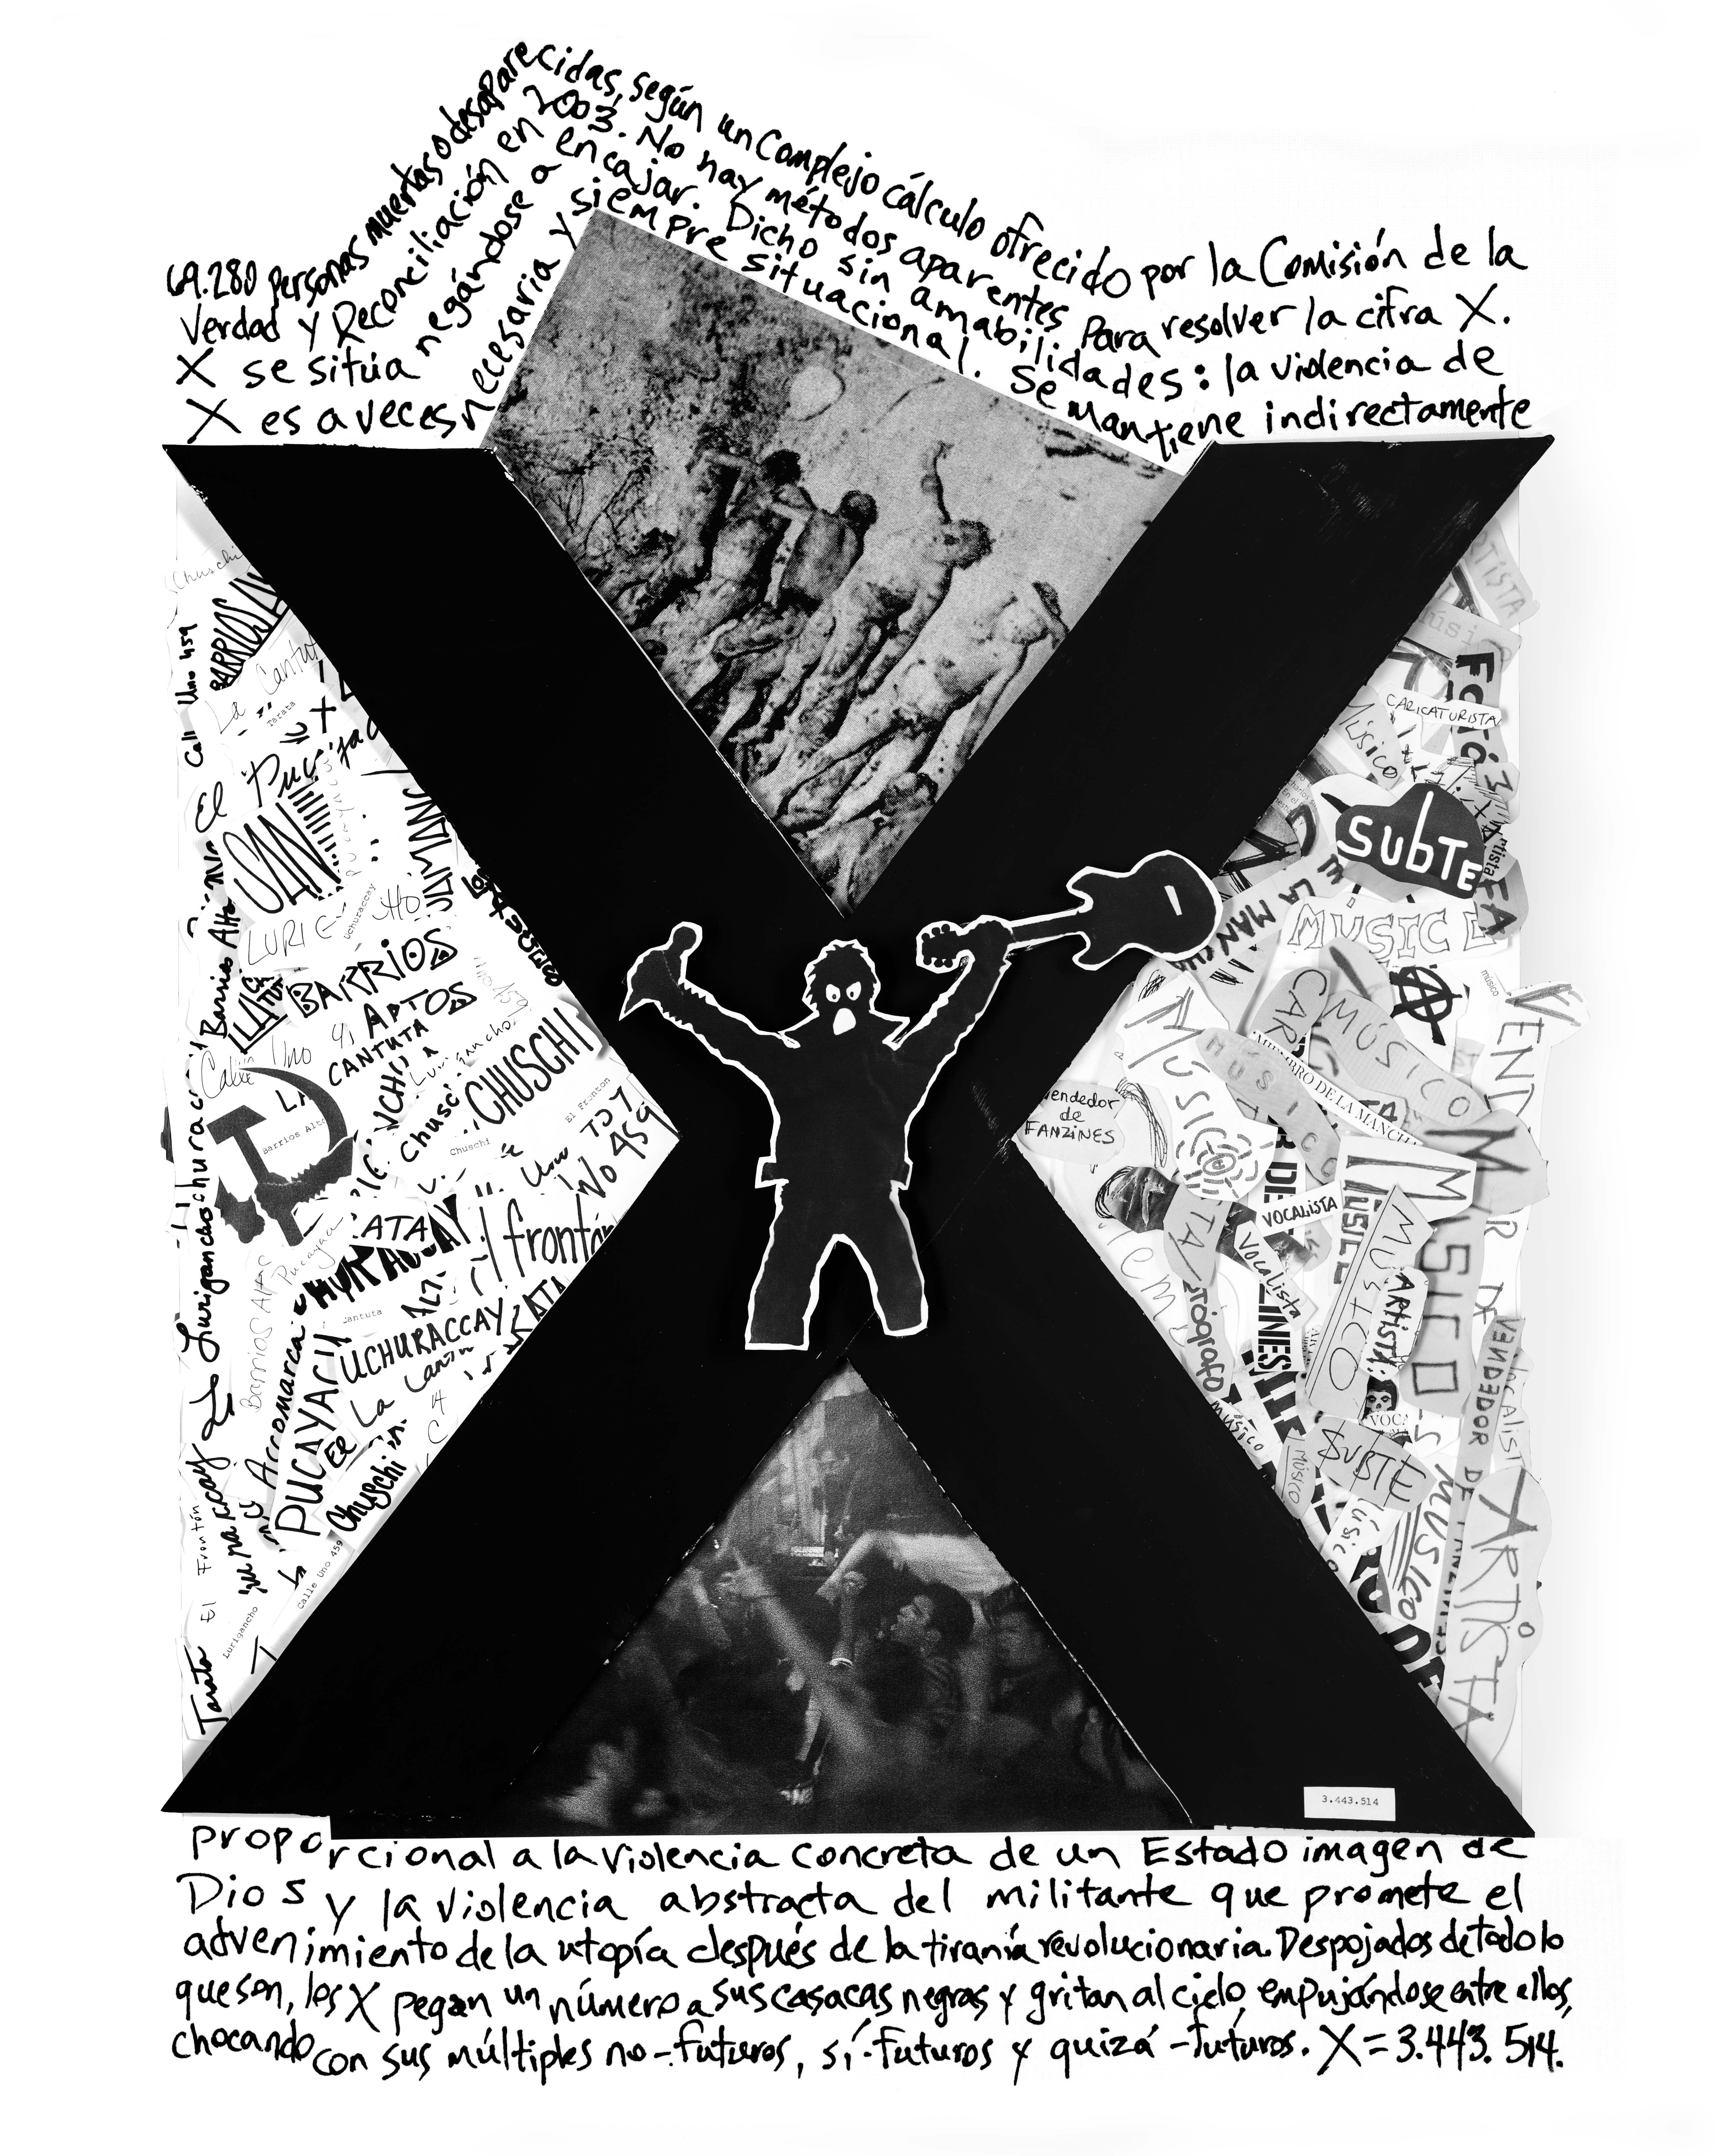 Situación X